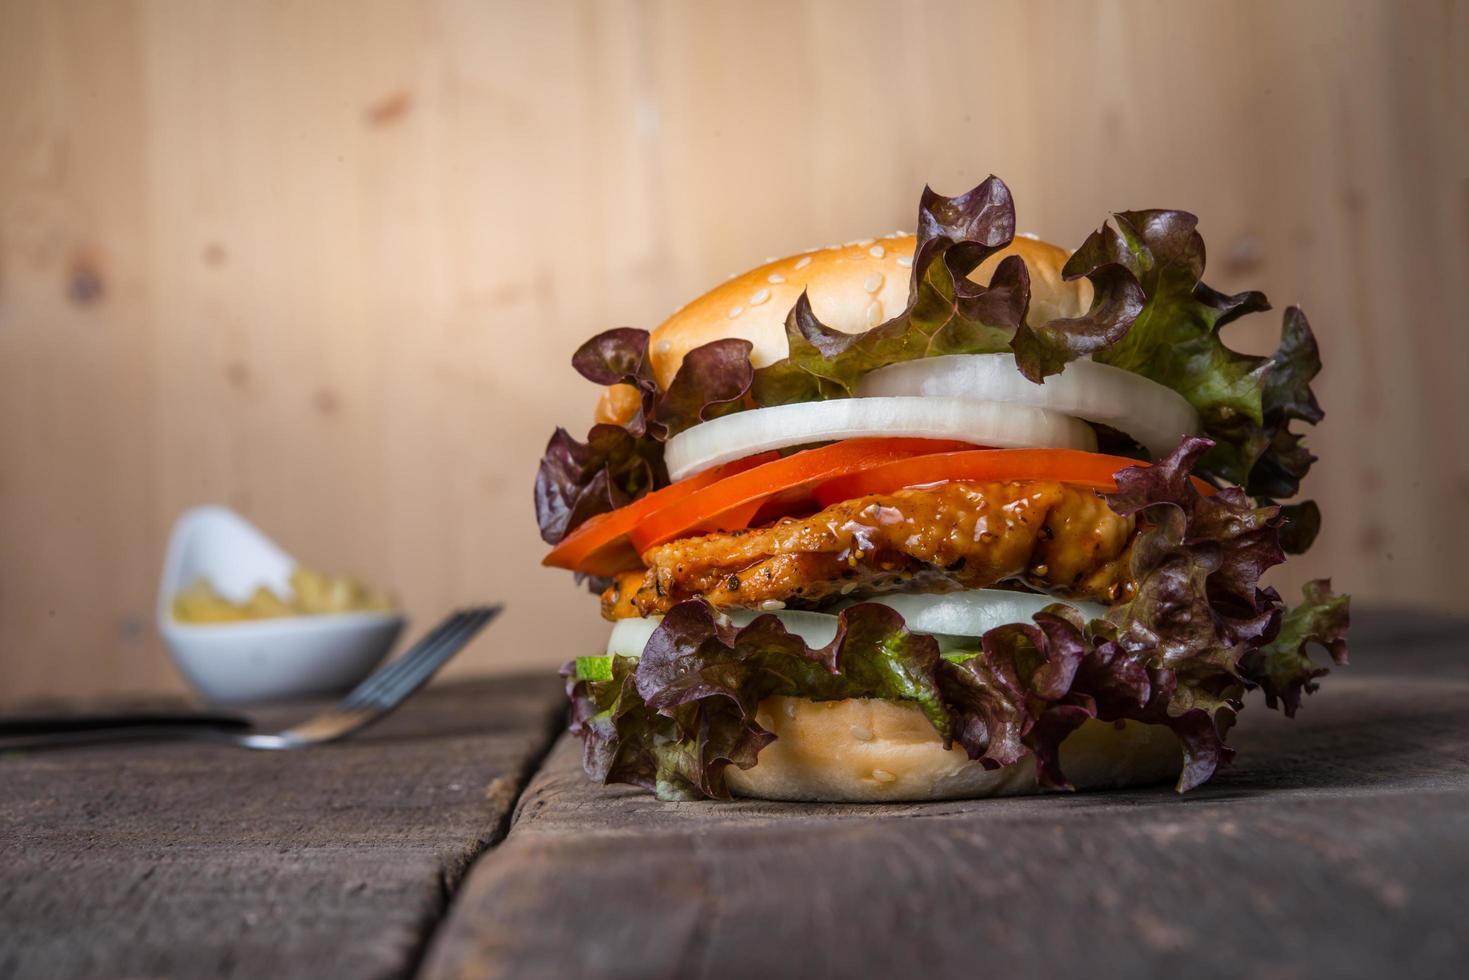 hausgemachter Chicken Burger foto